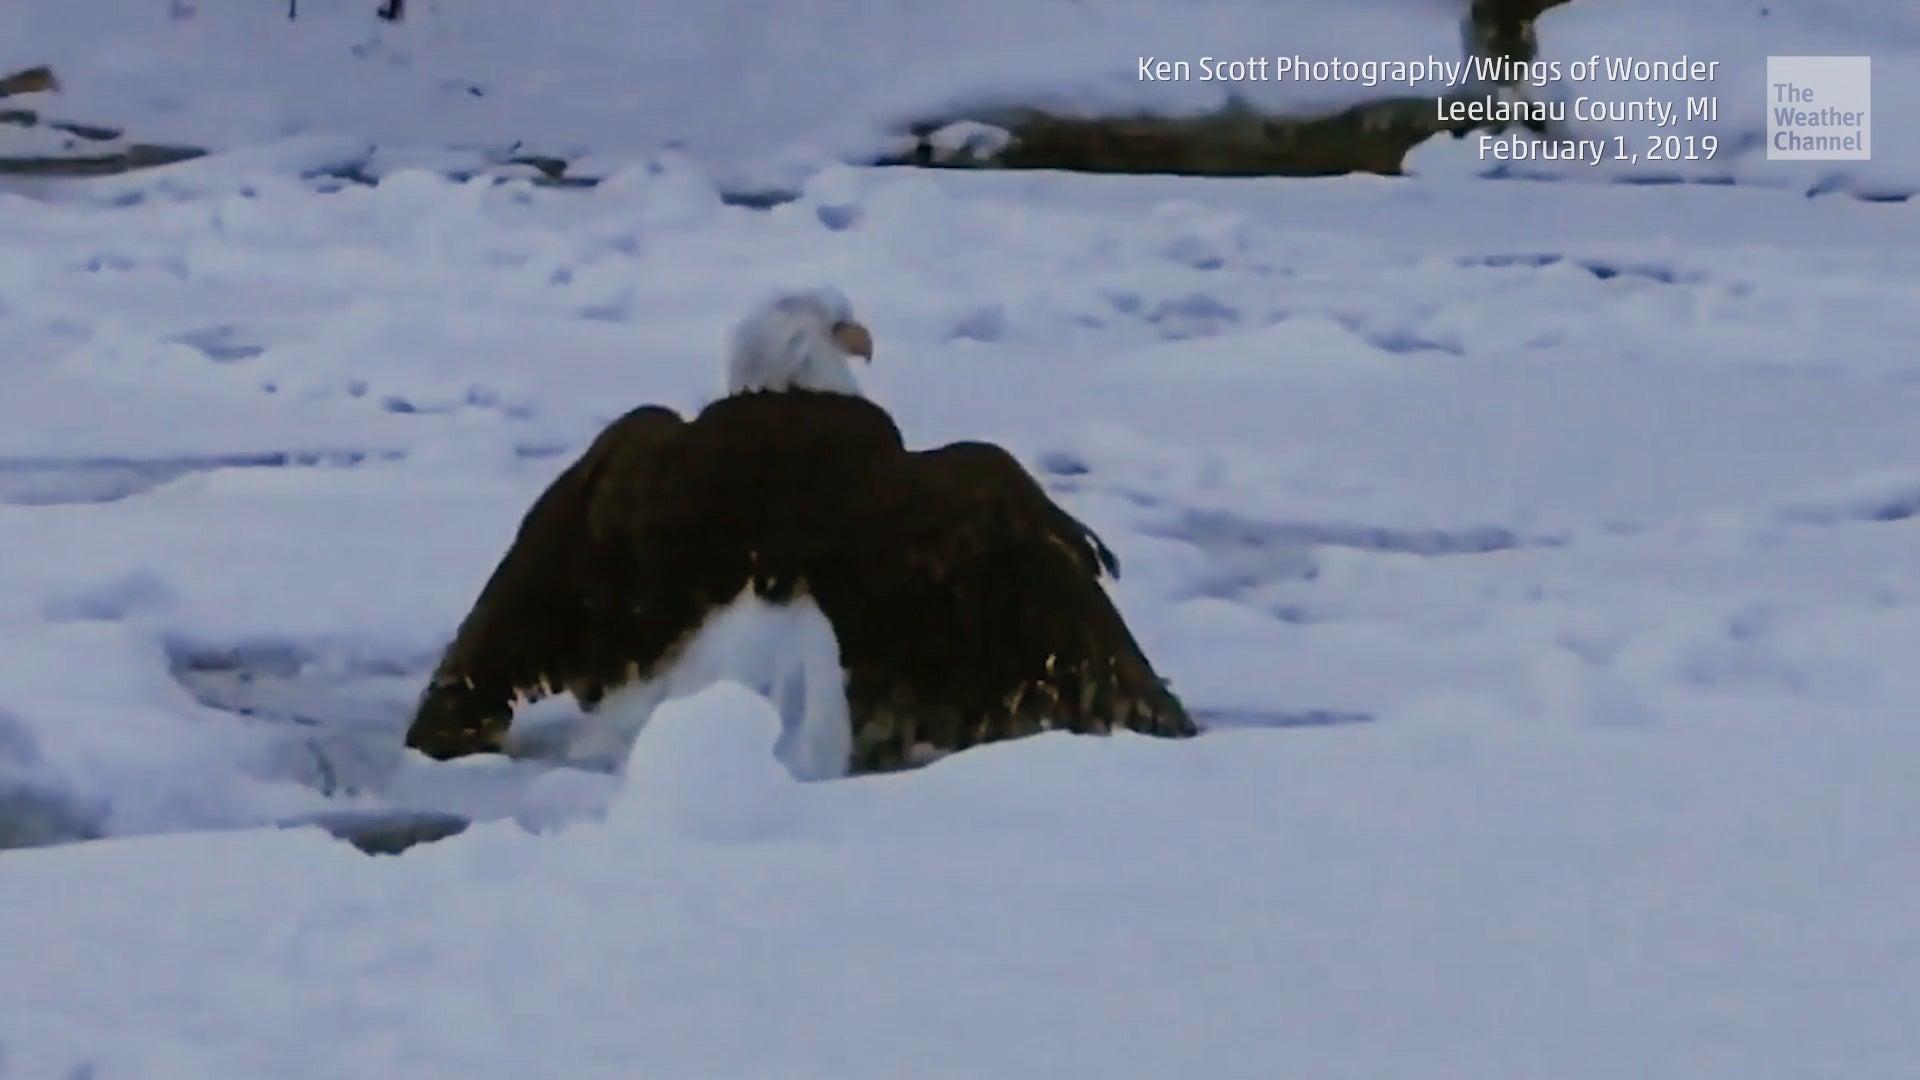 Adler stecken vier Kilo Eis in den Federn – dann beginnt herzerwärmende Rettung